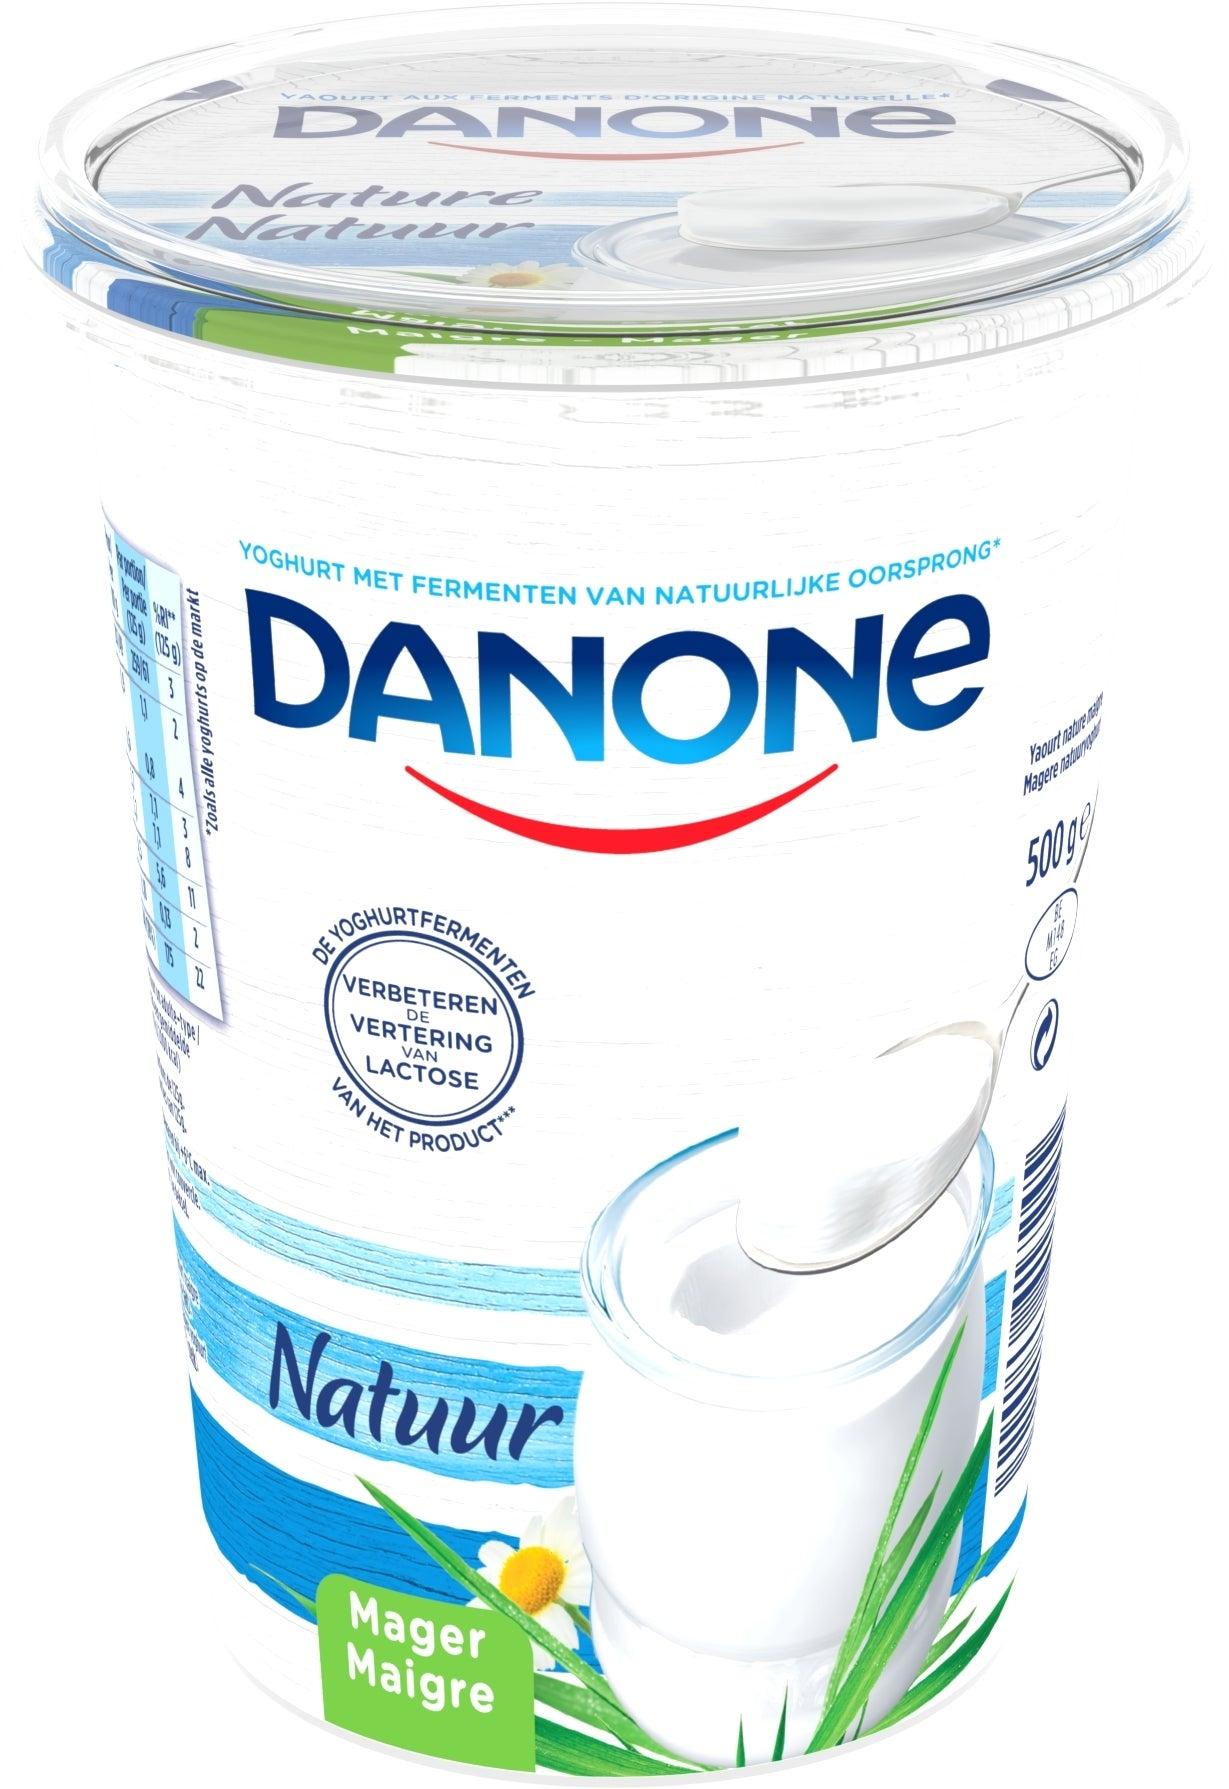 Danone Magere Yoghurt 500gr Natuur